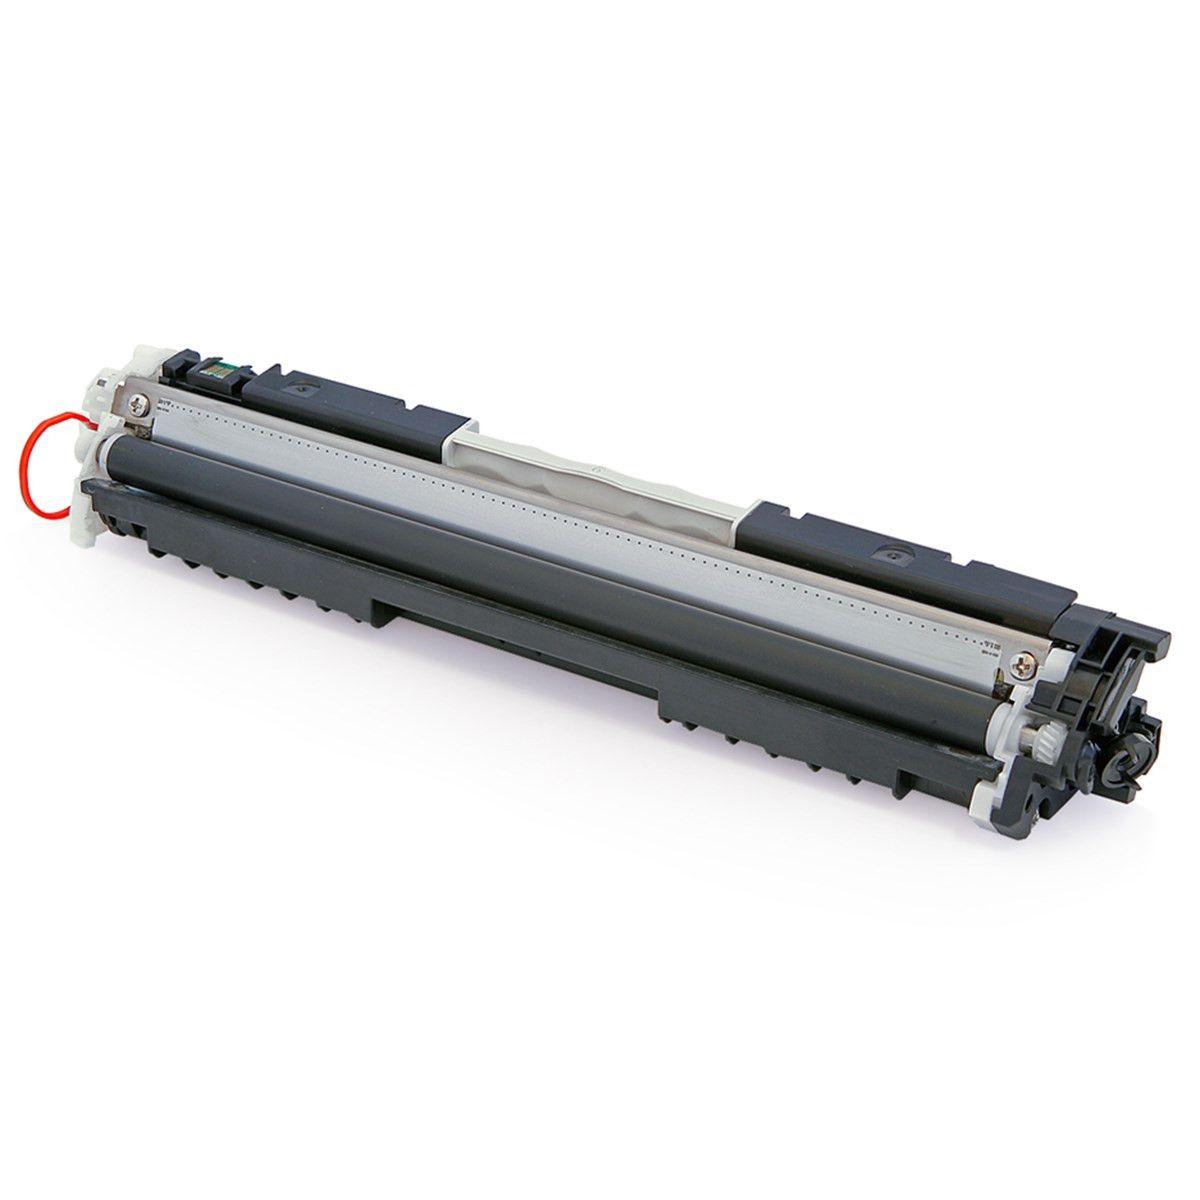 TONER COMPATÍVEL HP CE310A | CP1025 | CP1025NW |PRETO | BLACK